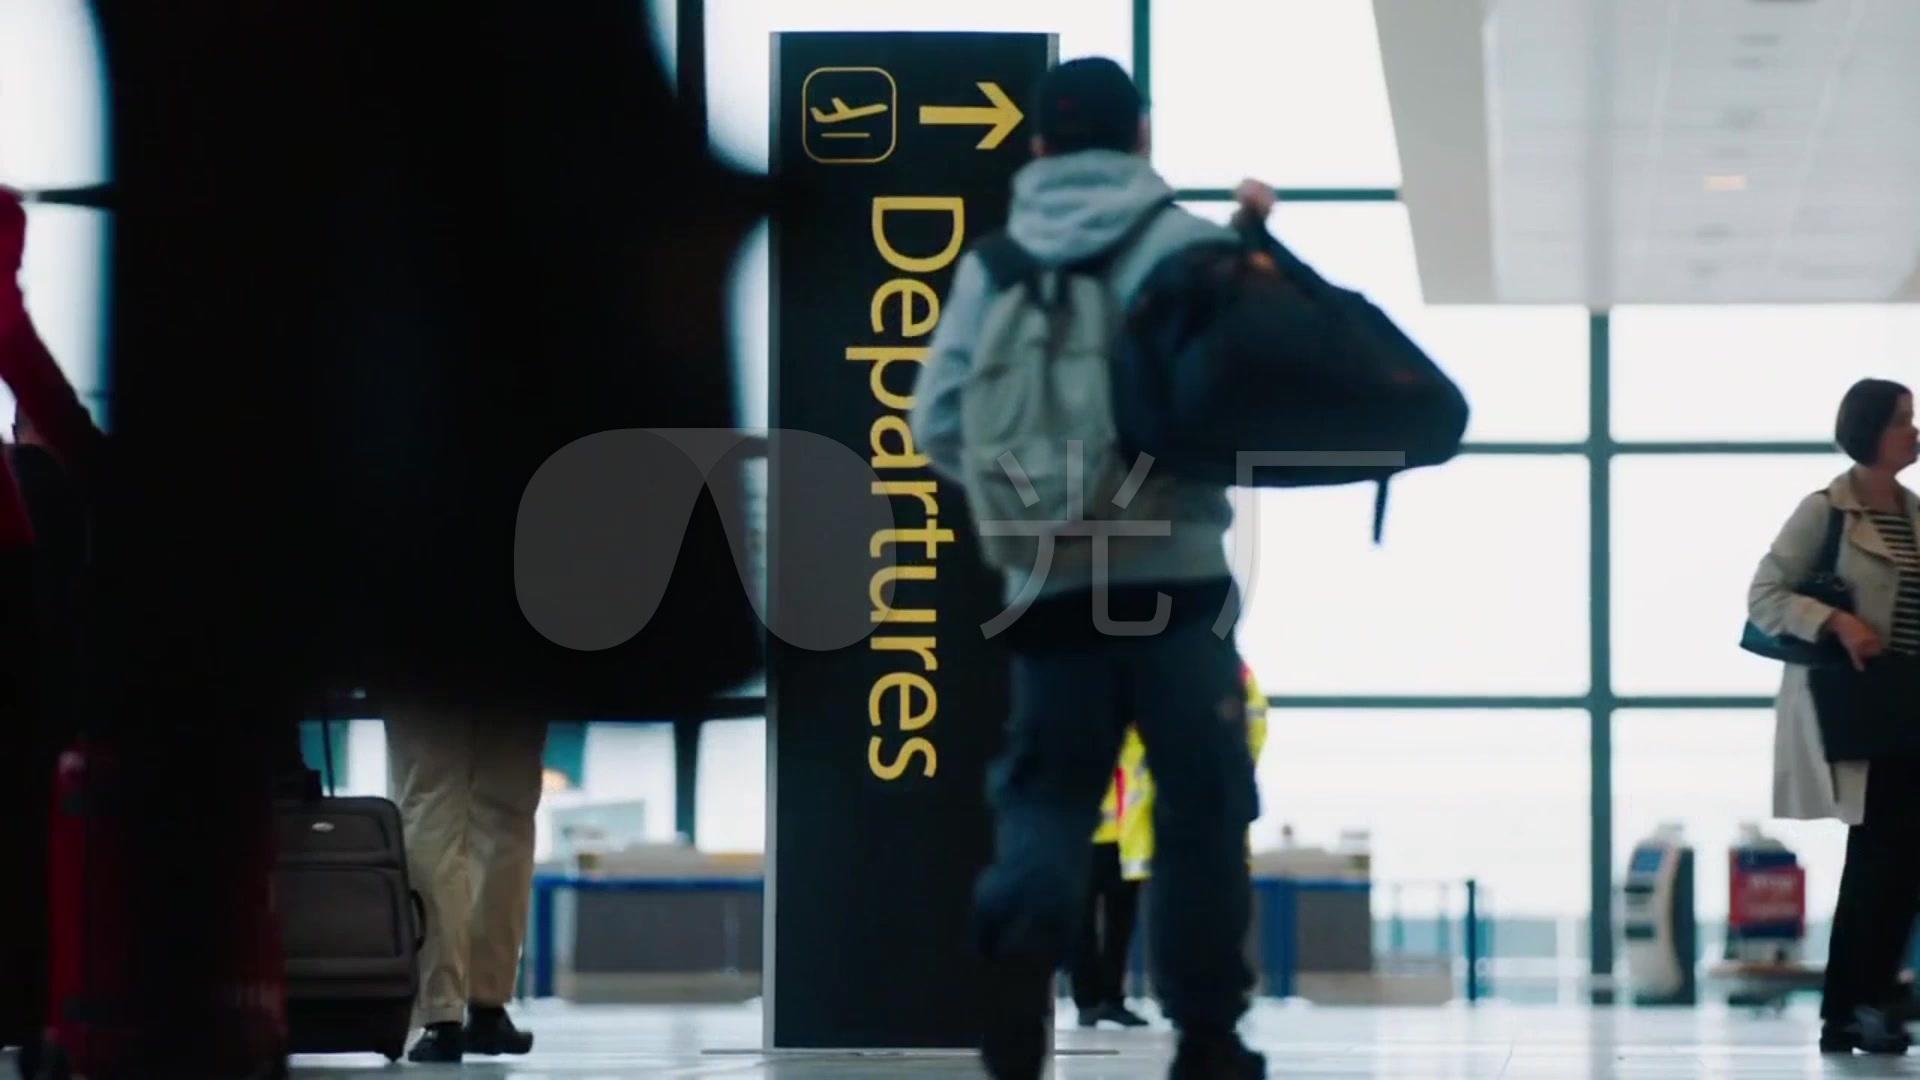 国外民航飞机人群人流大厅_客机机场教程_19张晓峒eviews6素材实用图片